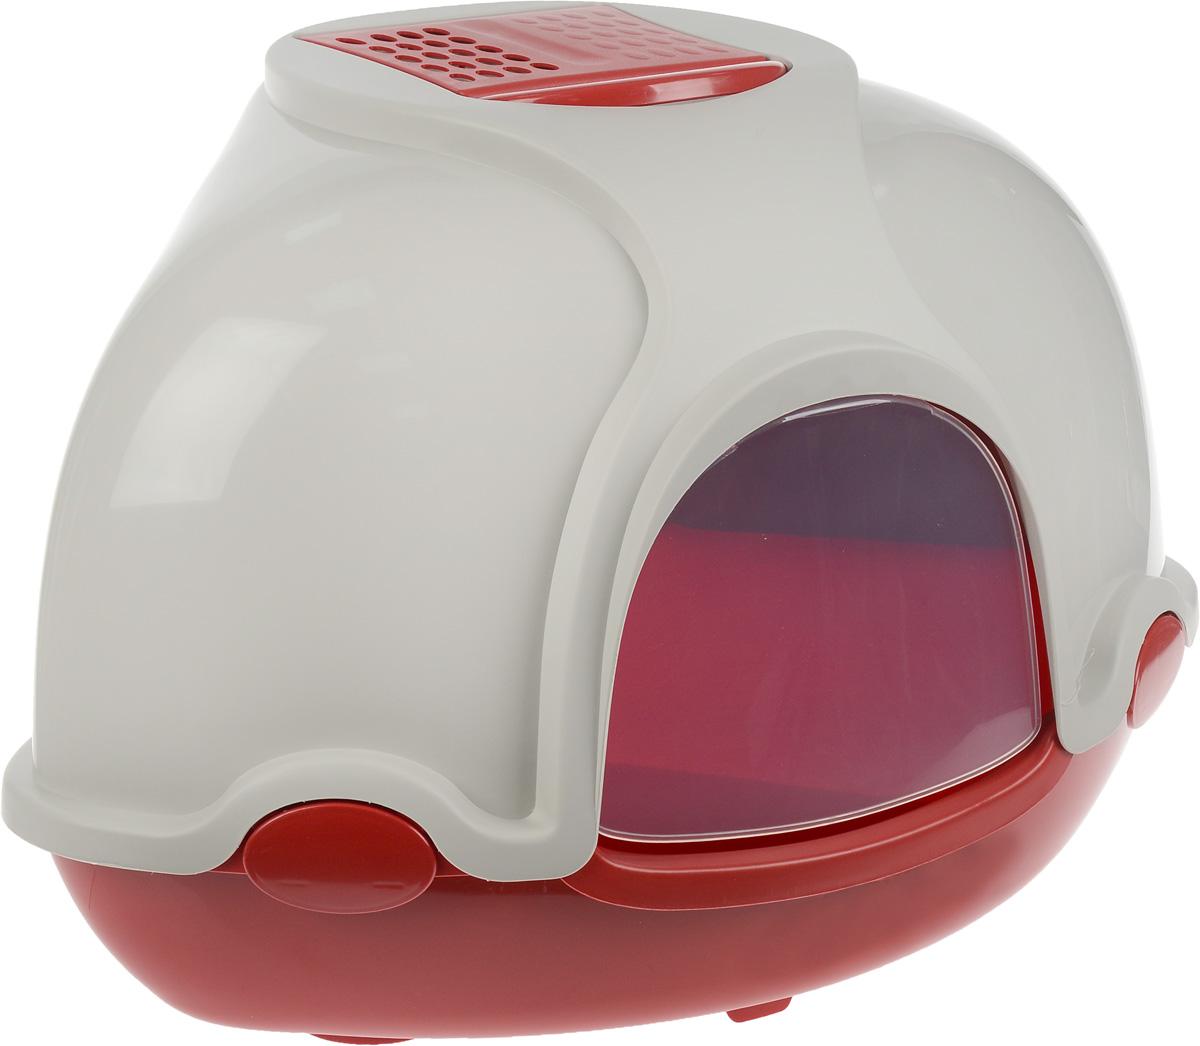 Туалет для кошек IMAC Ginger, закрытый, угловой, цвет: светло-серый, красный, 50 х 50 х 44,5 см84398Закрытый угловой туалет для кошек IMAC Ginger выполнен из высококачественного пластика. Он довольно вместительный и напоминает домик. Туалет оснащен прозрачной открывающейся дверцей, сменным угольным фильтром, совком и удобной ручкой для переноски. Такой туалет избавит ваш дом от неприятного запаха и разбросанных повсюду частичек наполнителя. Кошка в таком туалете будет чувствовать себя увереннее, ведь в этом укромном уголке ее никто не увидит. Кроме того, яркий дизайн с легкостью впишется в интерьер вашего дома. Туалет легко открывается для чистки благодаря практичным защелкам по бокам.